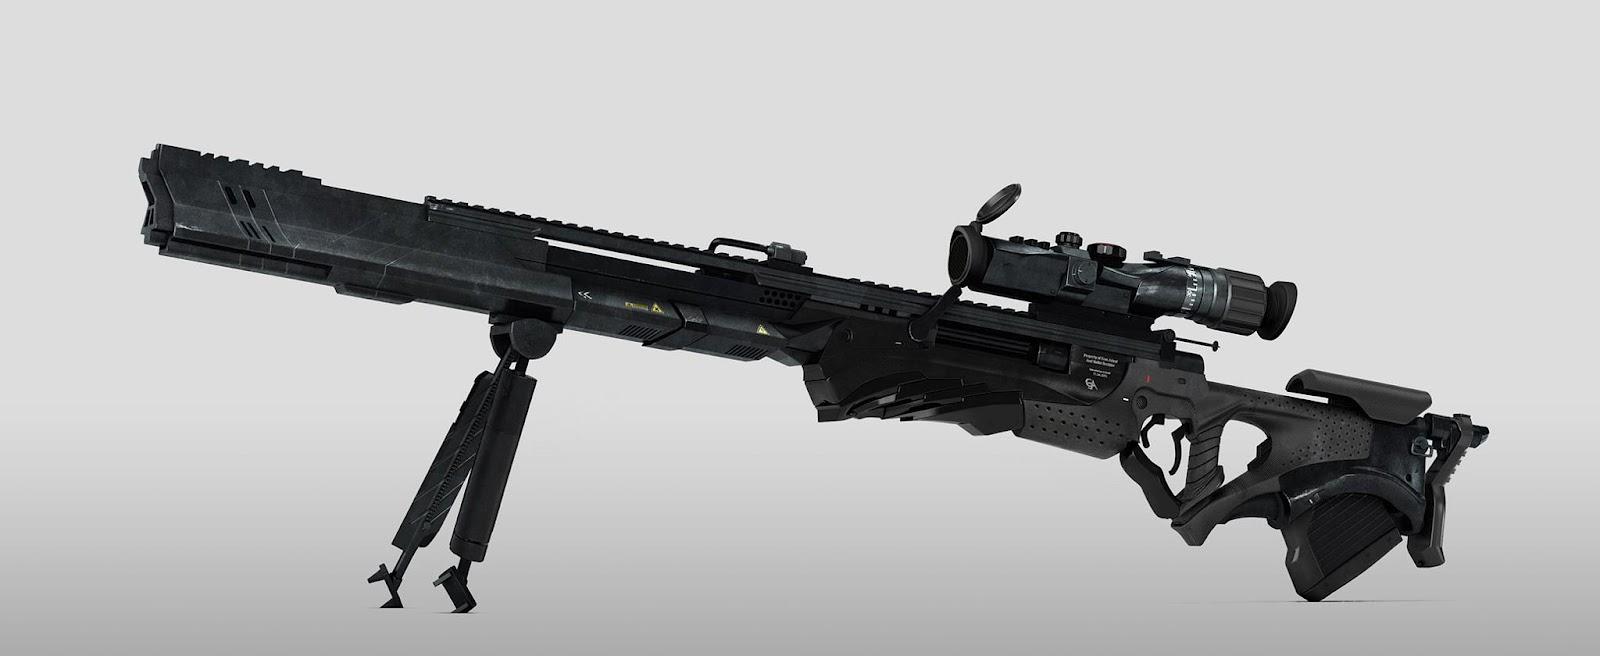 Barret Pawā y Bala especial [Creación de Objeto] 3d+sniper+rifle